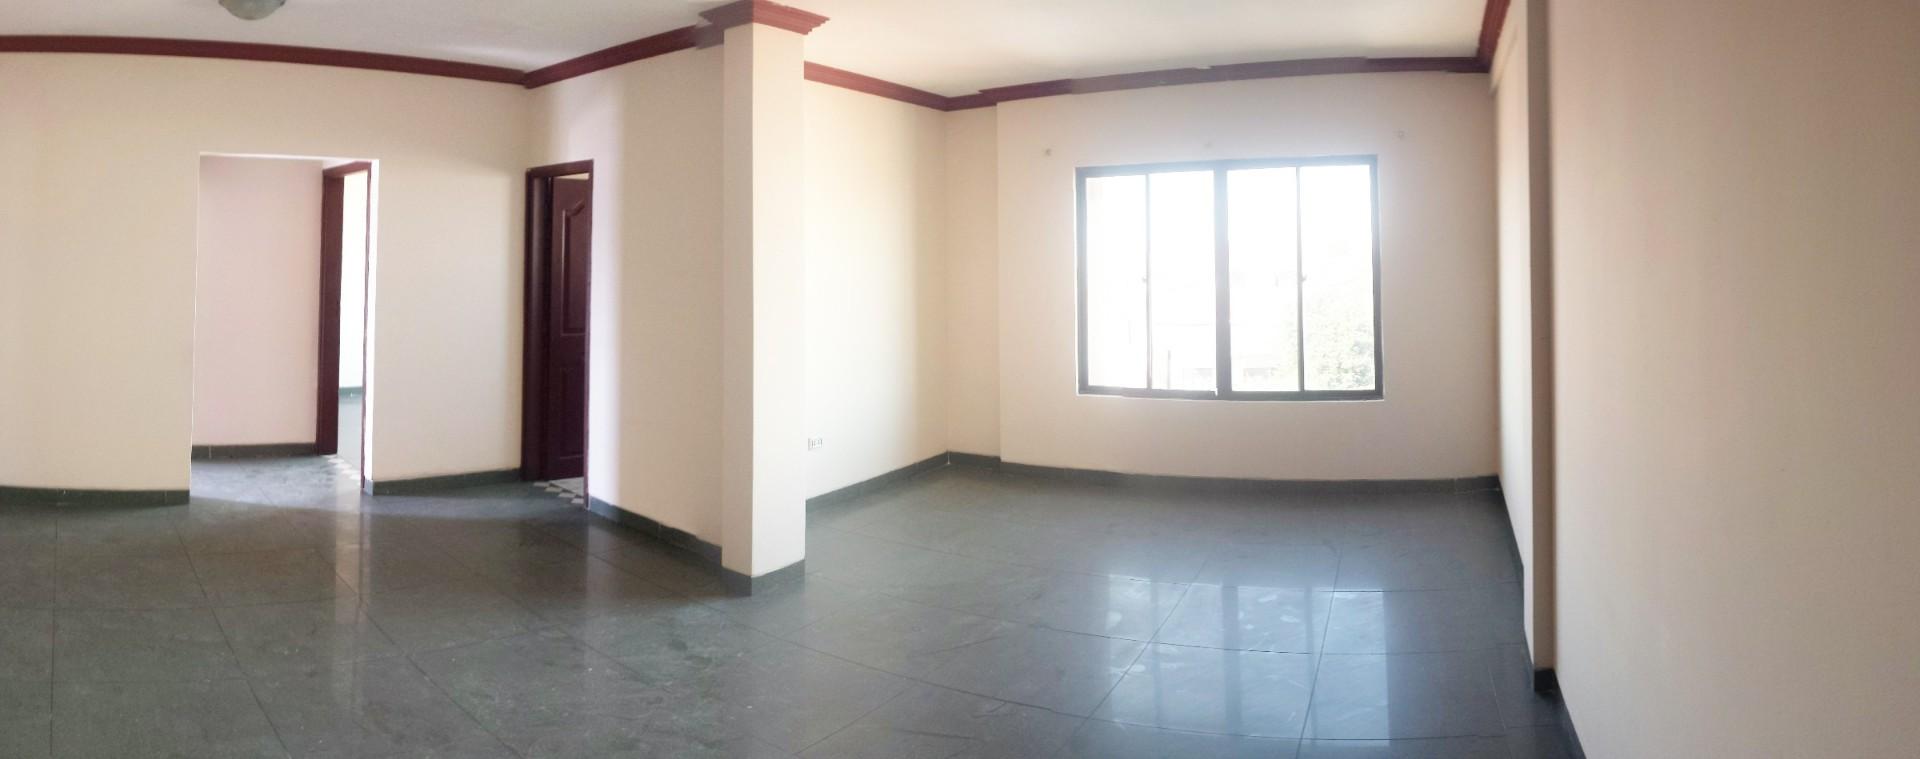 Departamento en Alquiler Calle Charcas # 269 Entre Aroma y Murillo  Foto 3